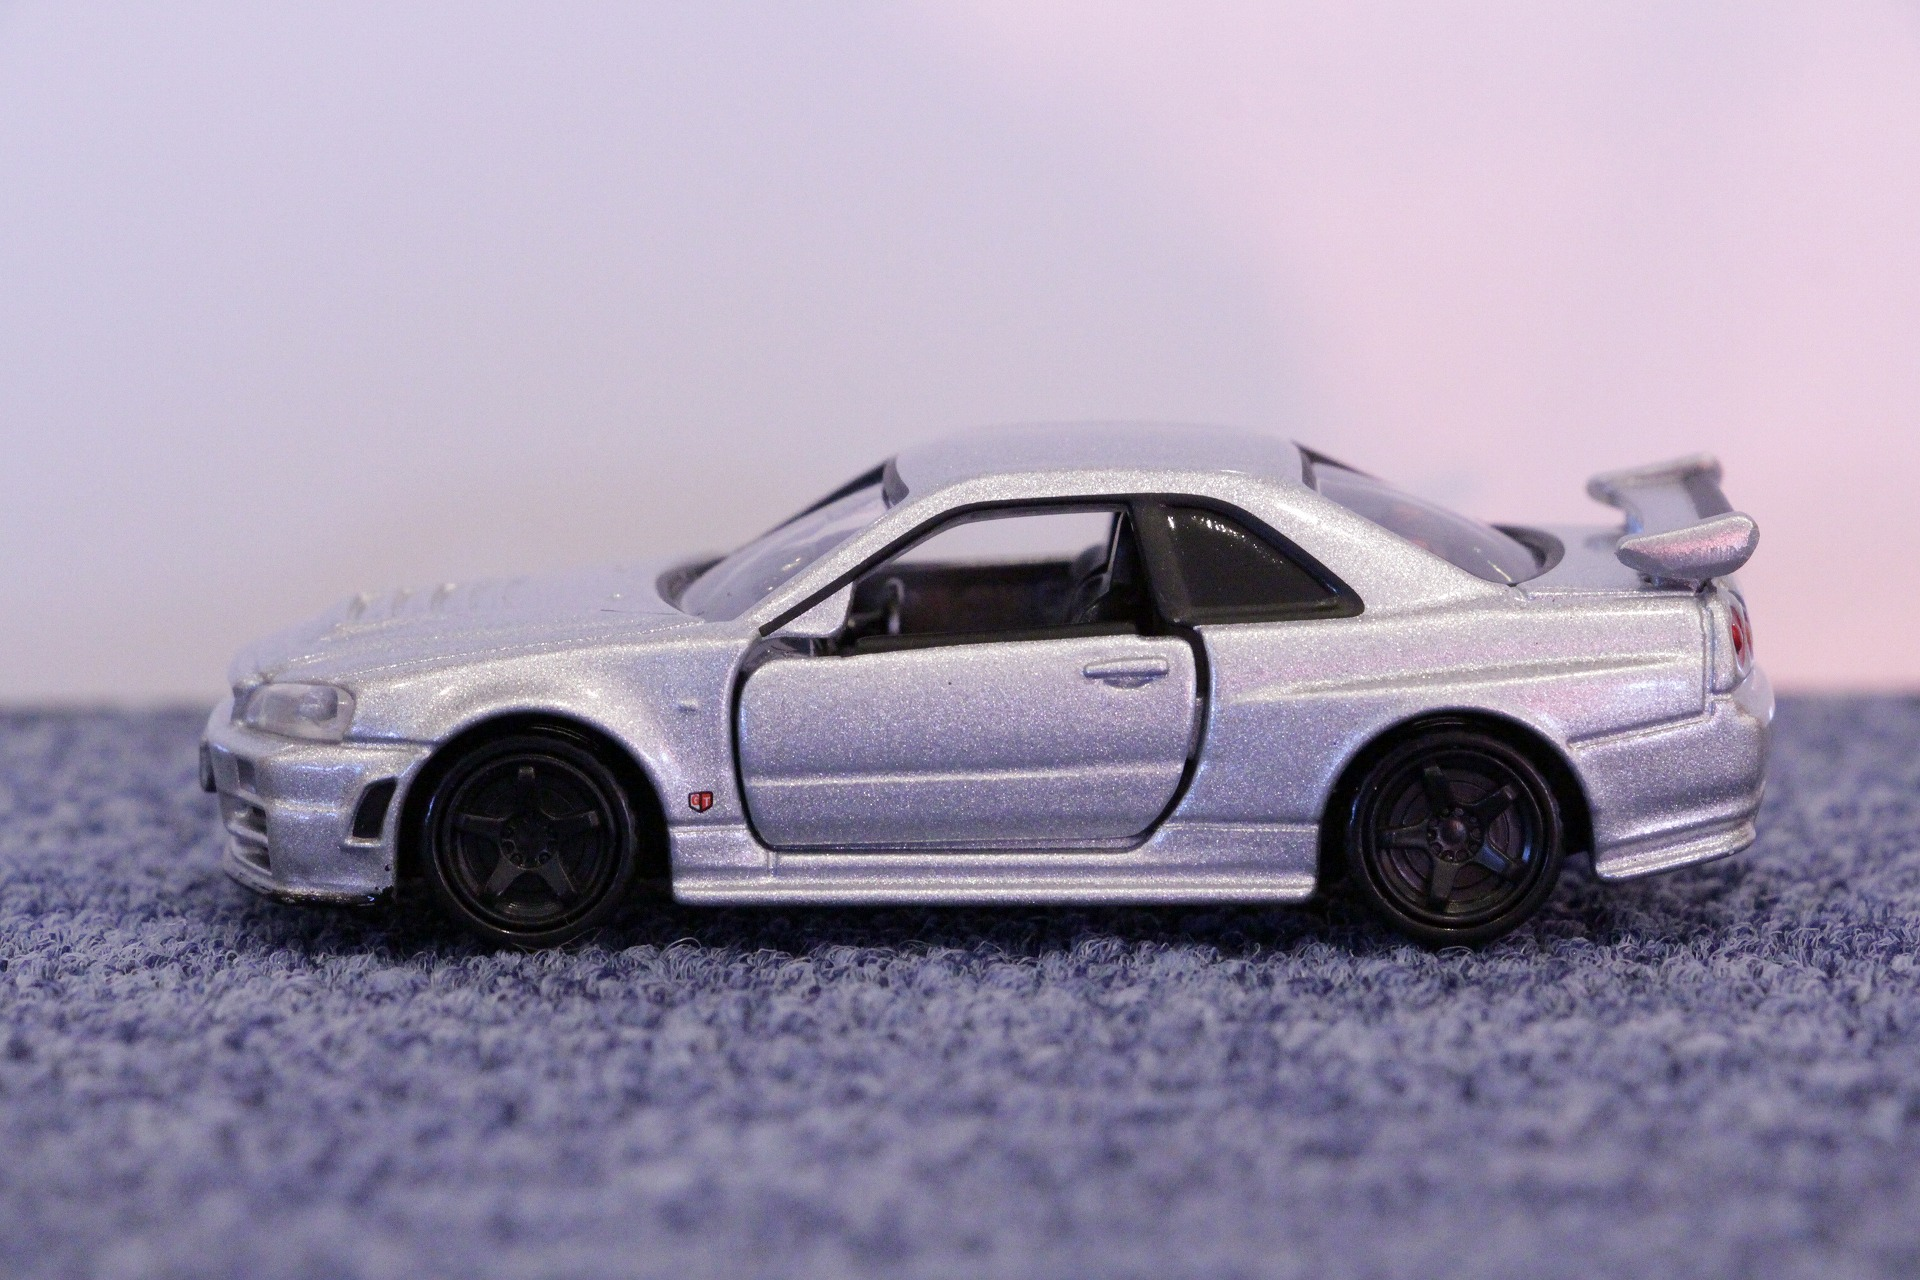 トミカプレミアム No.01 NISMO R34 GT-R Z-tune